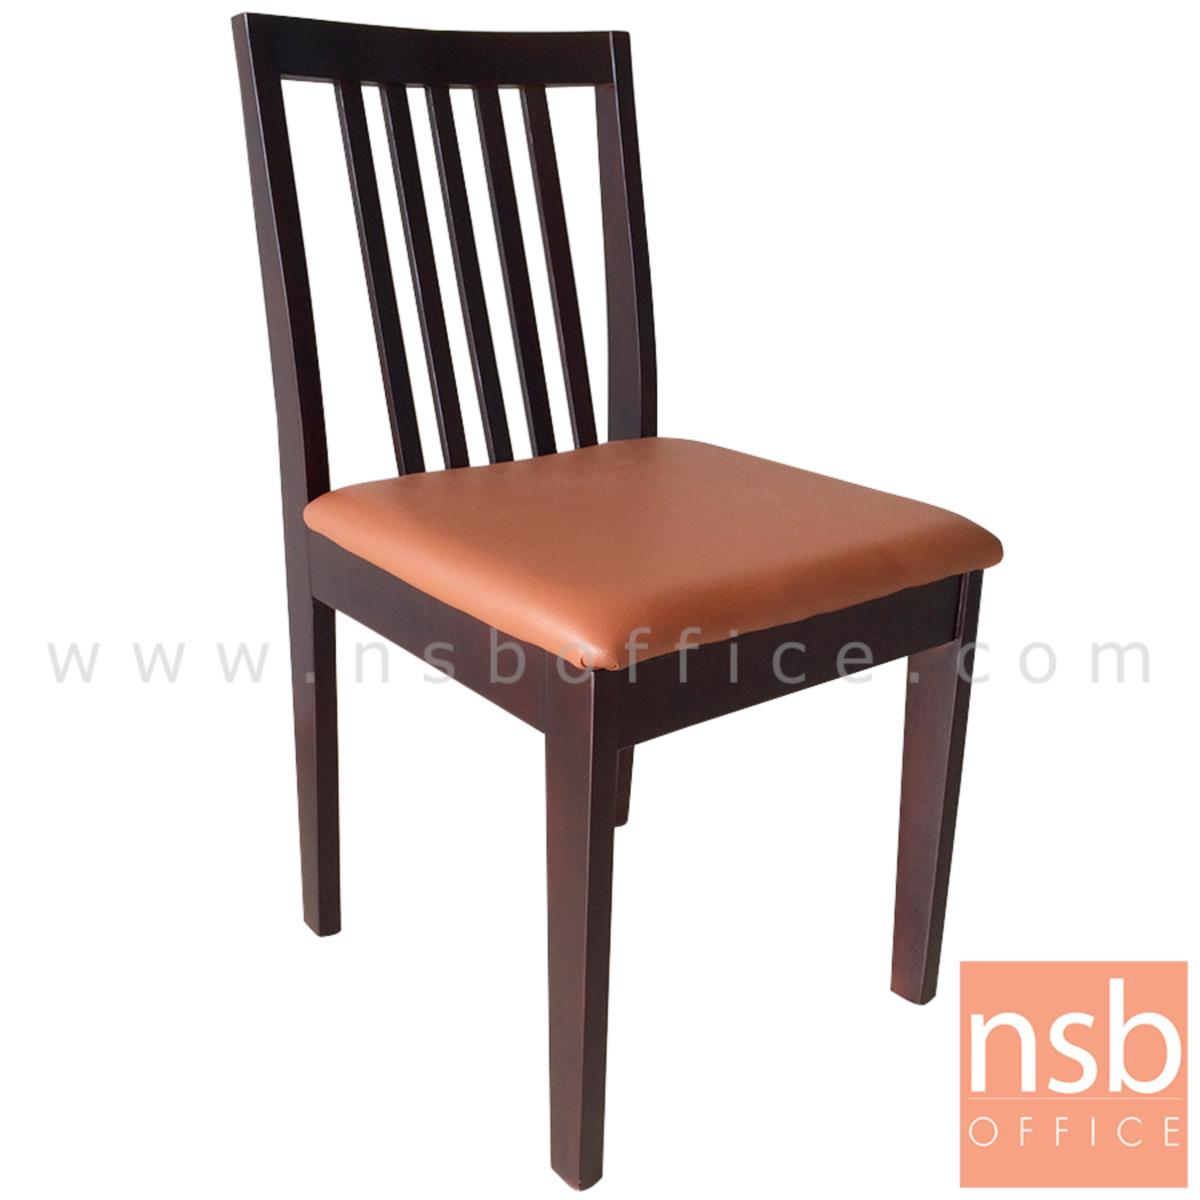 B22A187:เก้าอี้ไม้ที่นั่งหุ้มหนังเทียม รุ่น Tanzania (แทนซาเนีย)  ขนาด 46W cm. ขาไม้